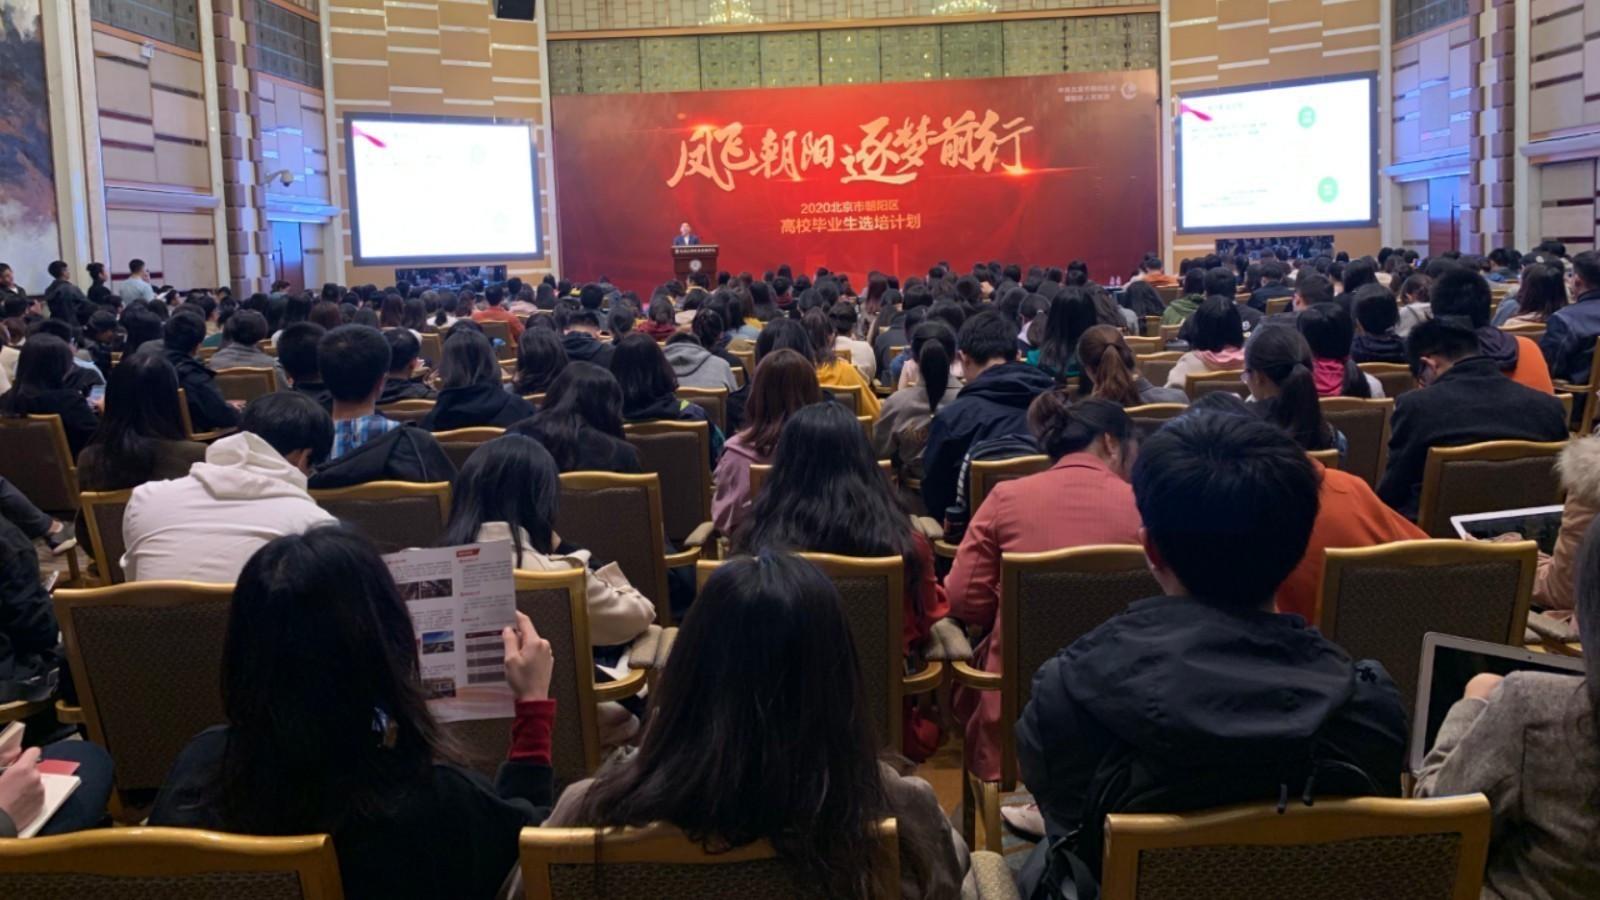 朝阳区2020年高校毕业生选培计划启动 100个公务员职位虚席以待